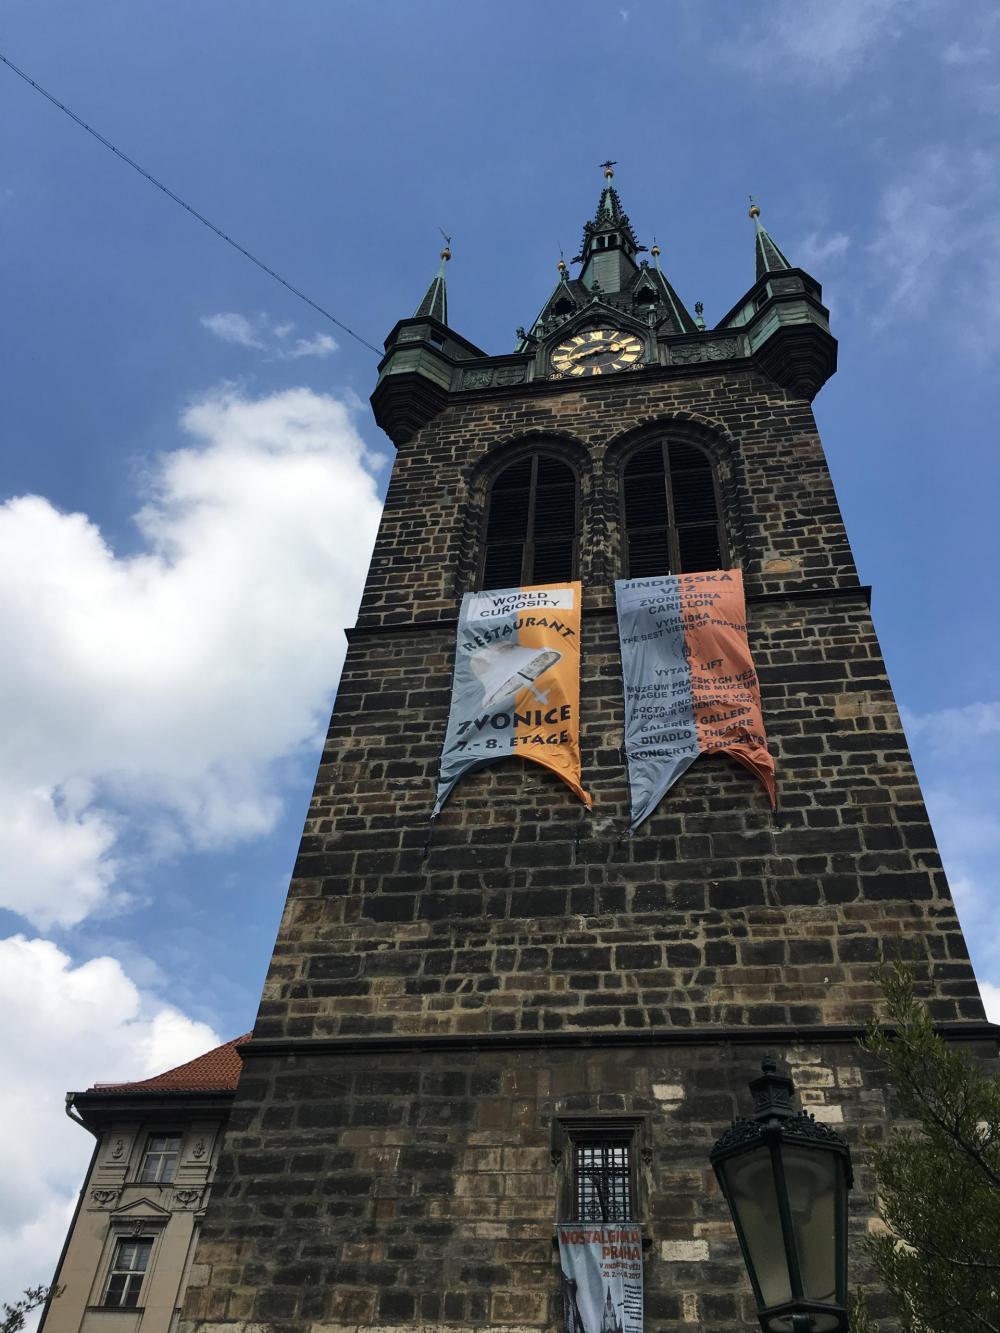 Wieża Jindrissska